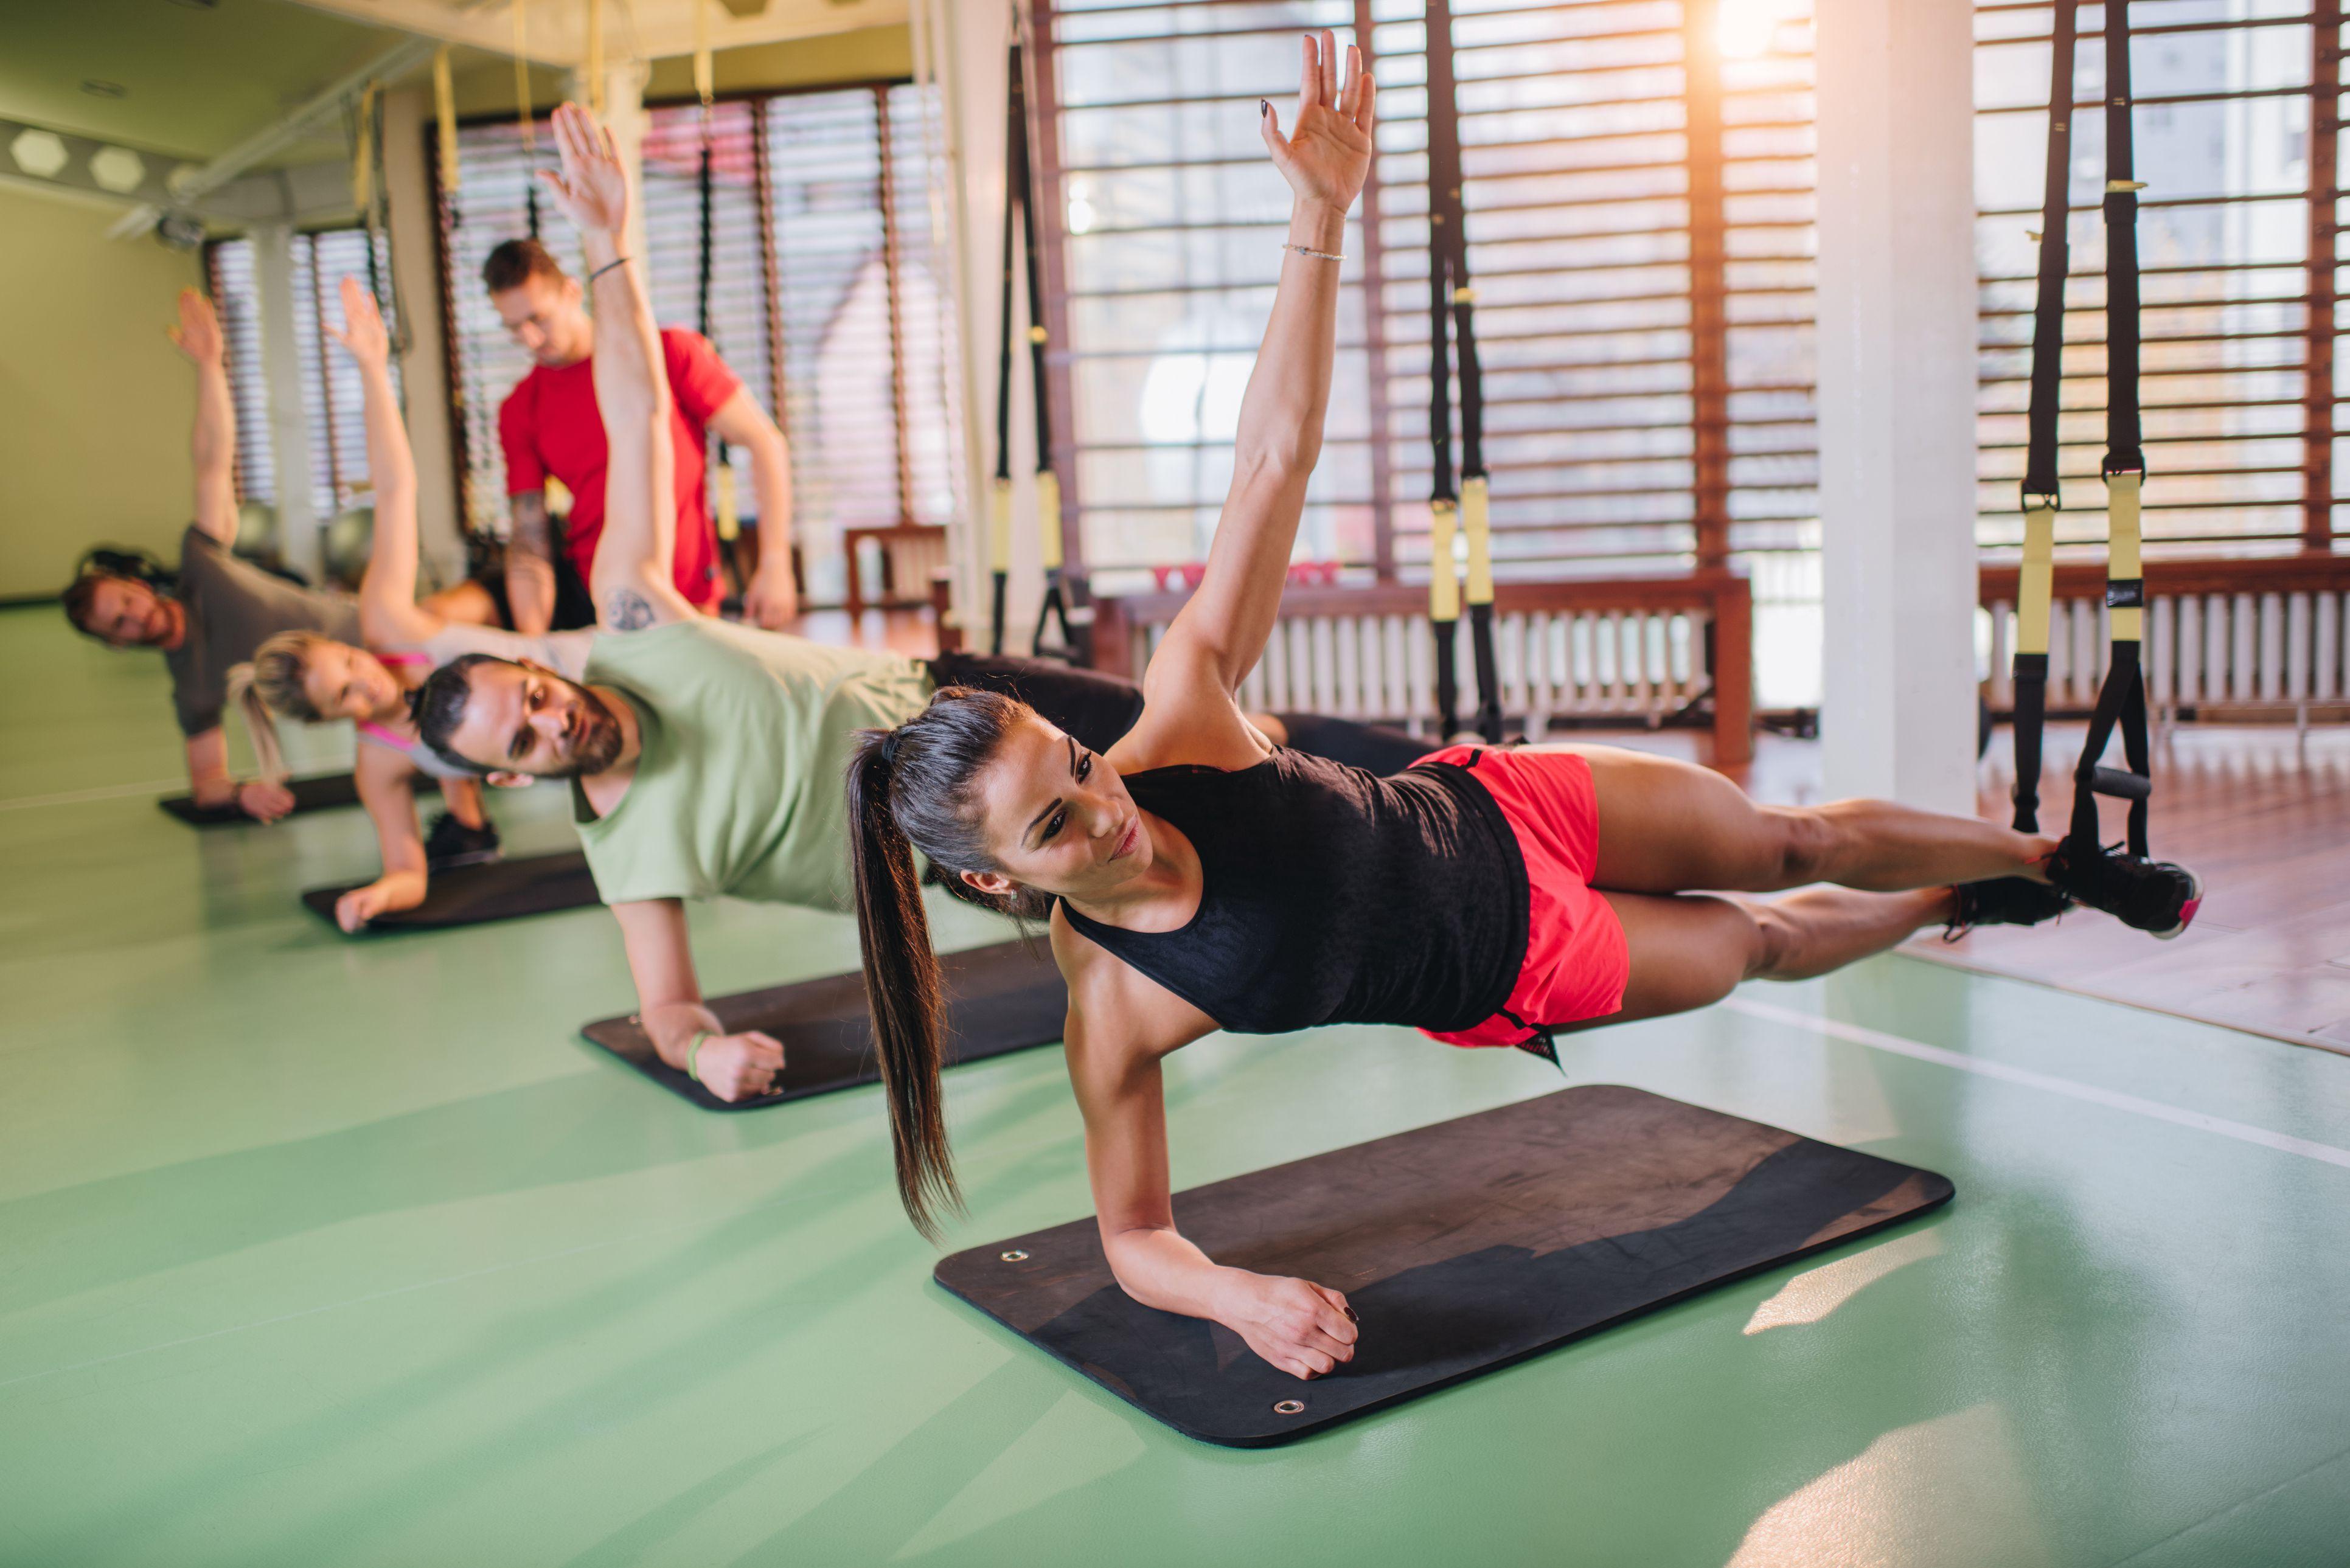 Gente atlética que ejercita el equilibrio en el entrenamiento de suspensión en un gimnasio.